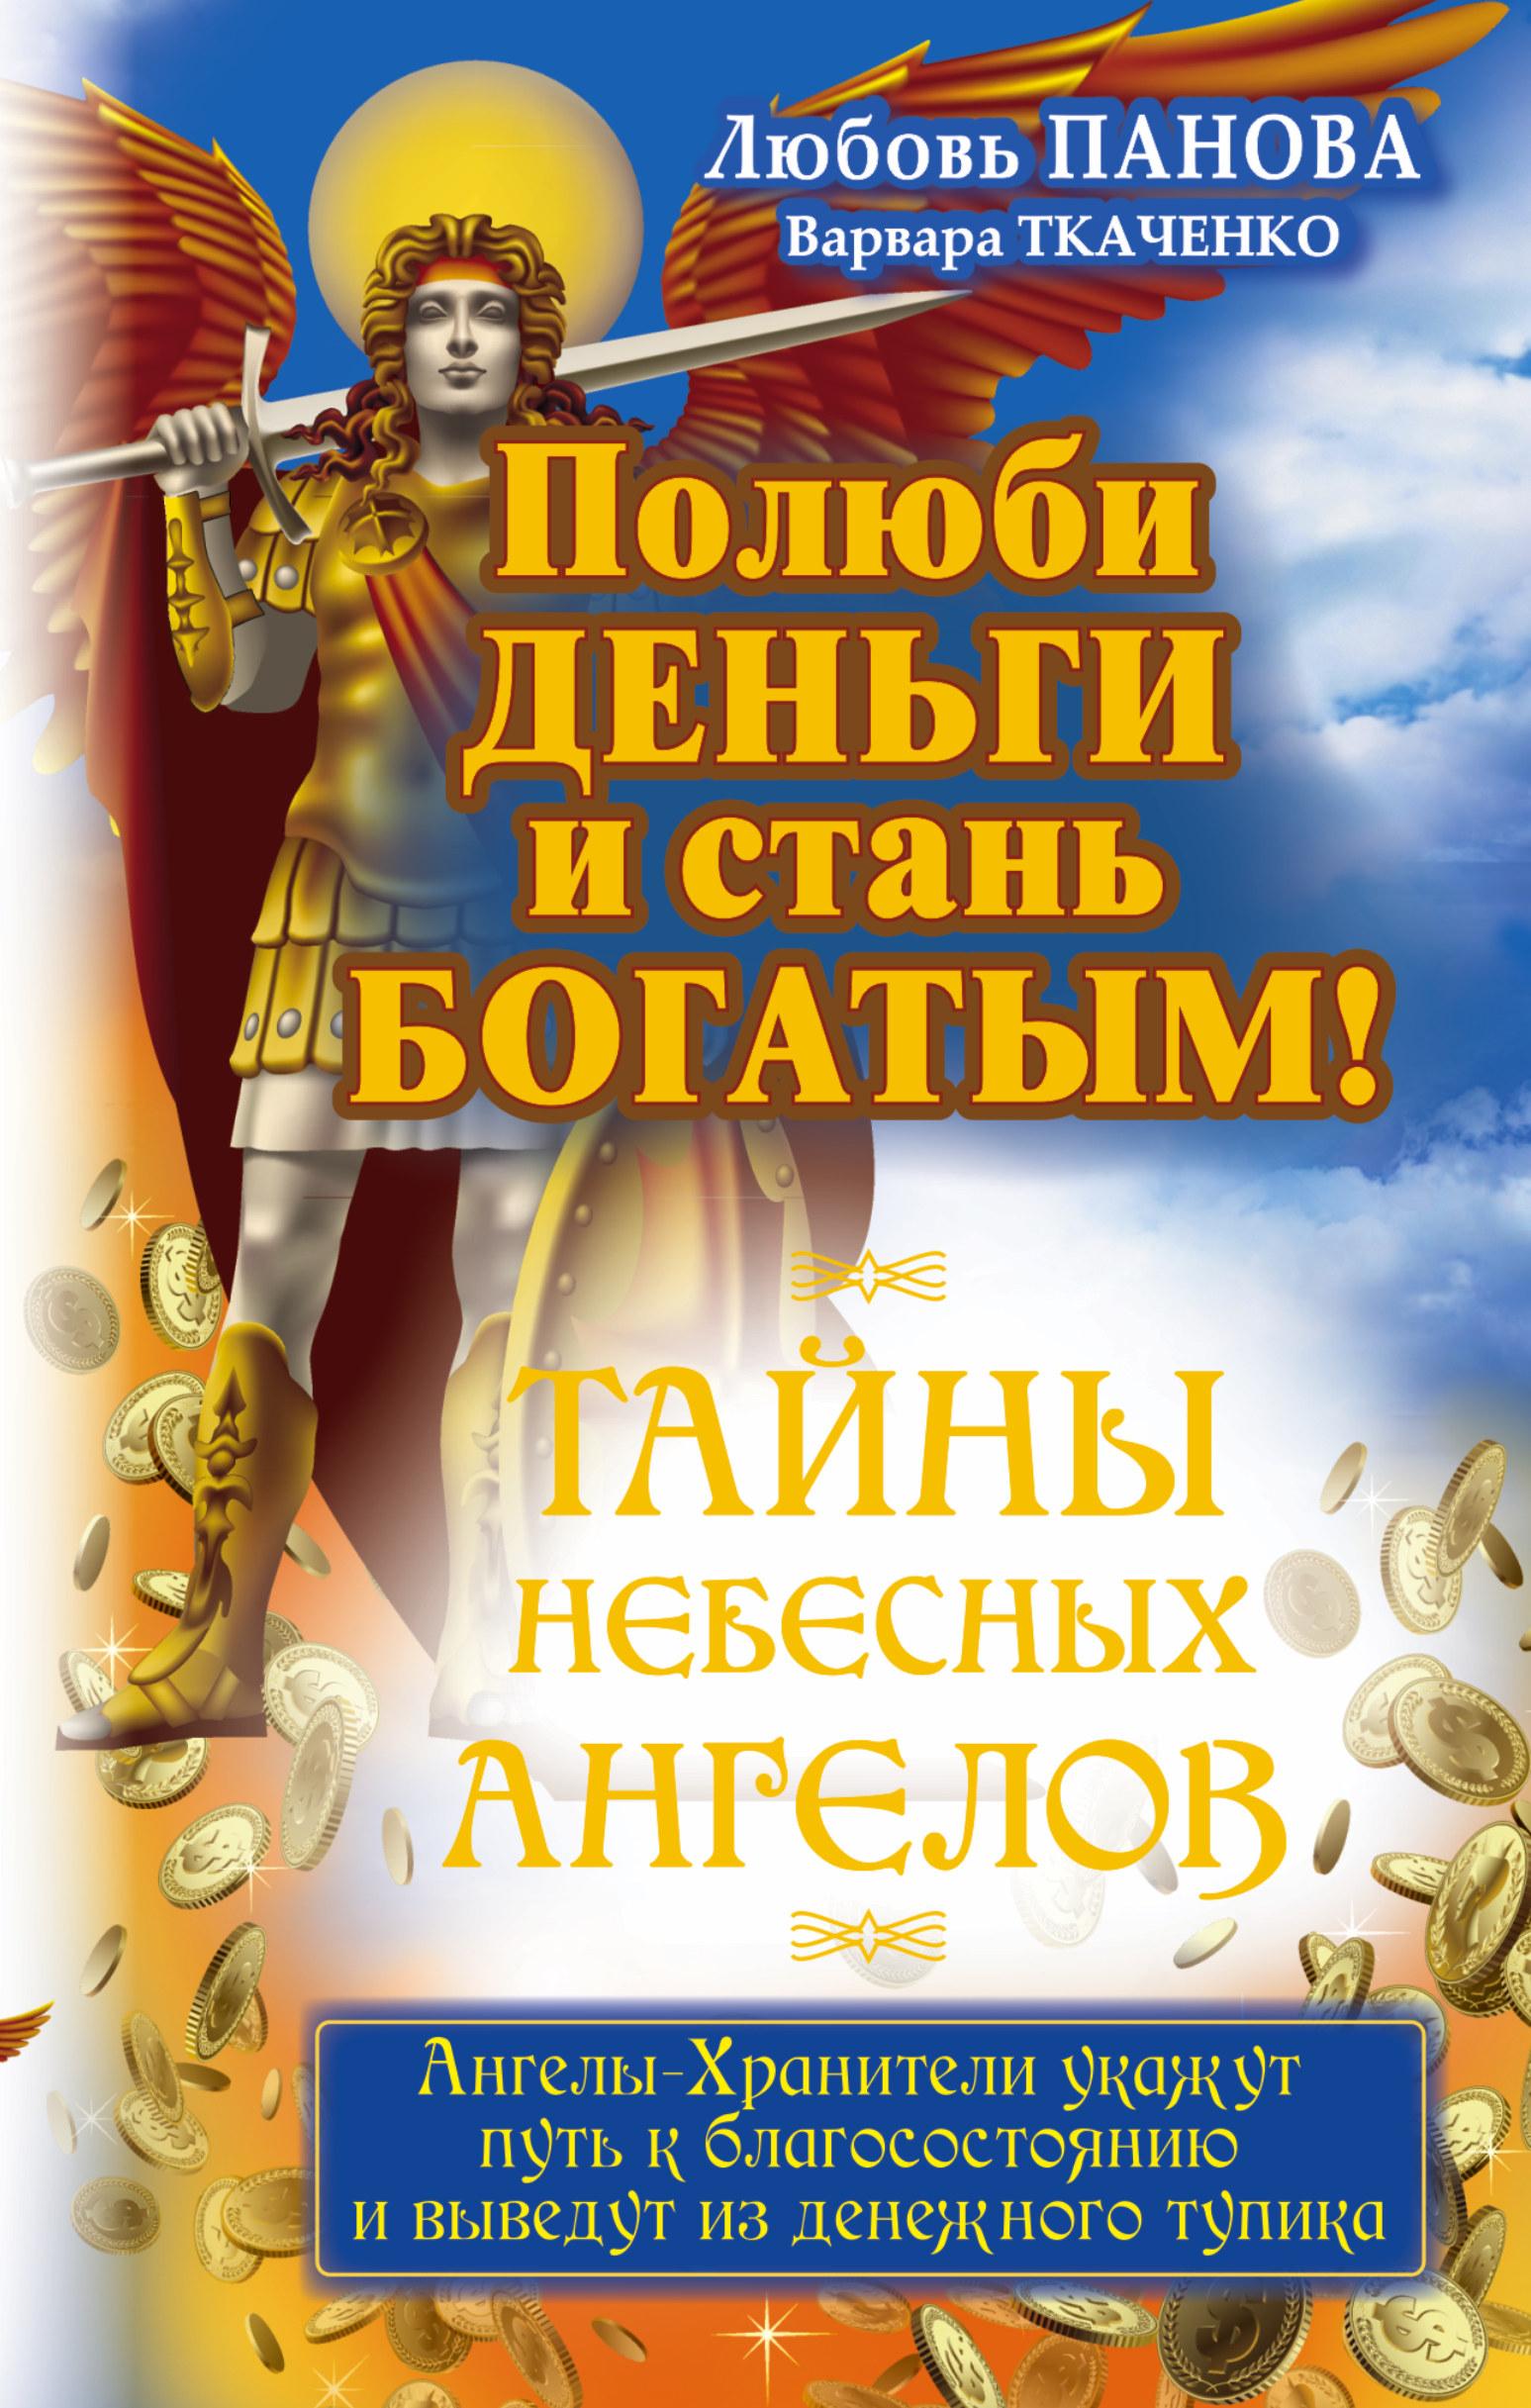 Полюби деньги и стань богатым!. Любовь Панова, Варвара Ткаченко